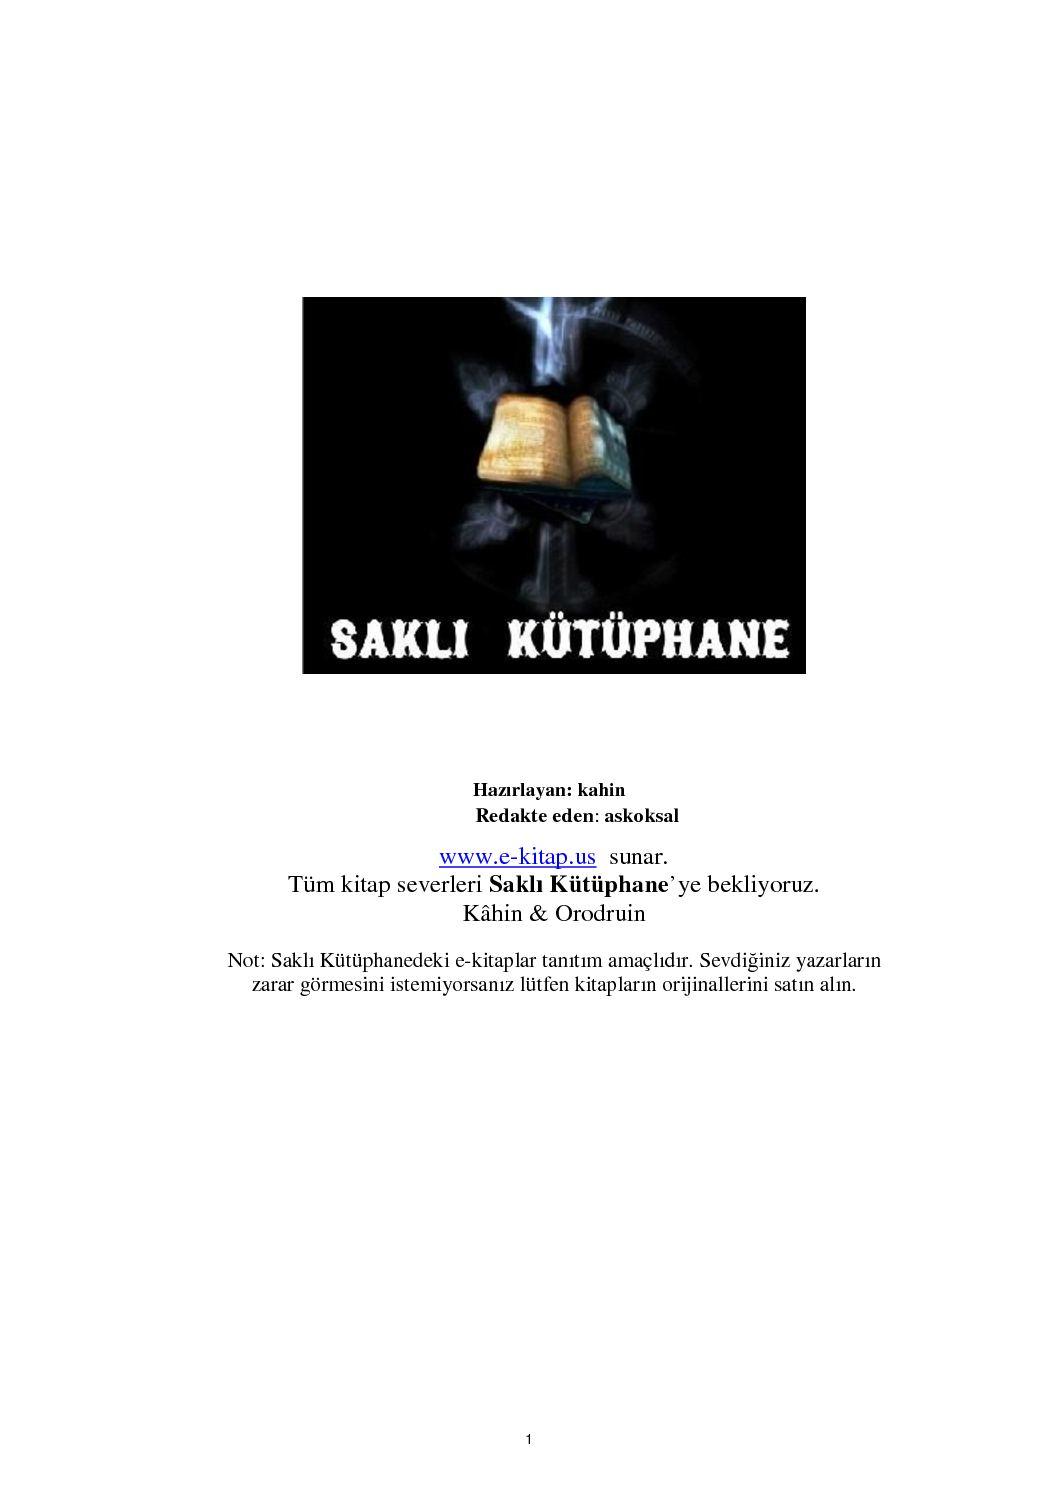 Krasnopolyanskoe sabunu: ürünler ve yorumlar 84